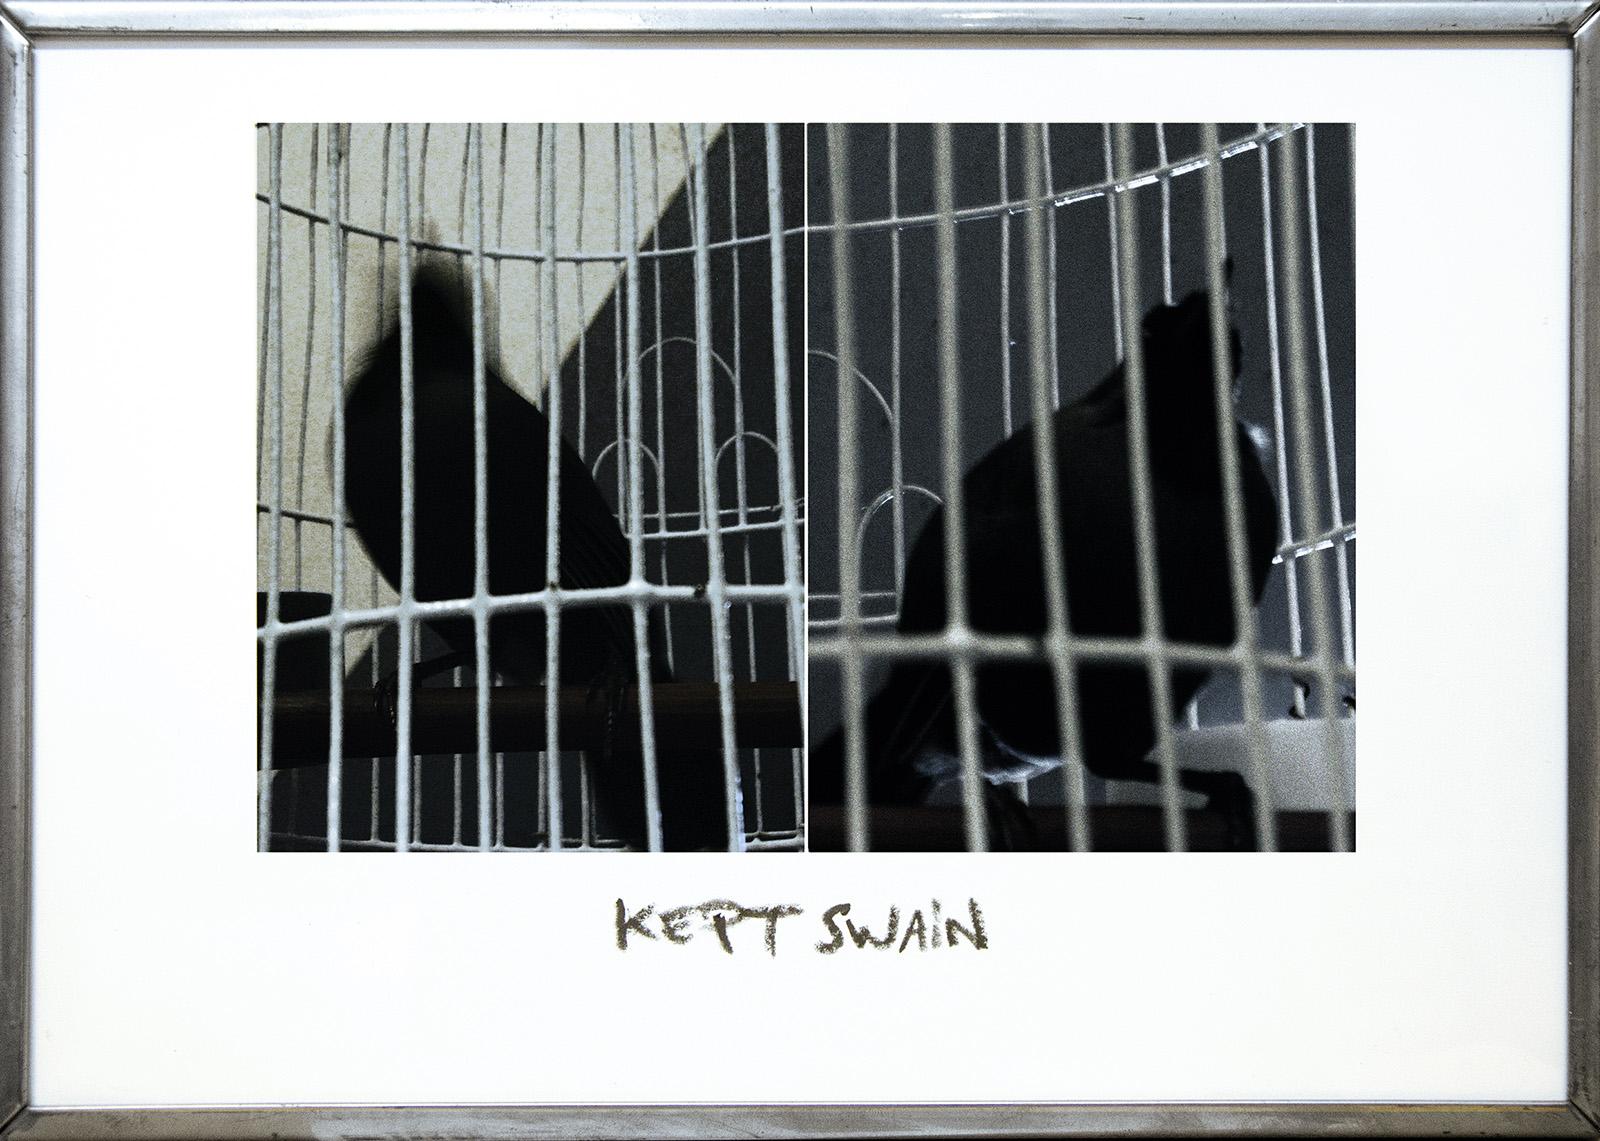 Marcel_Bataillard-serie_Twin_Pics-KeptSwain-web